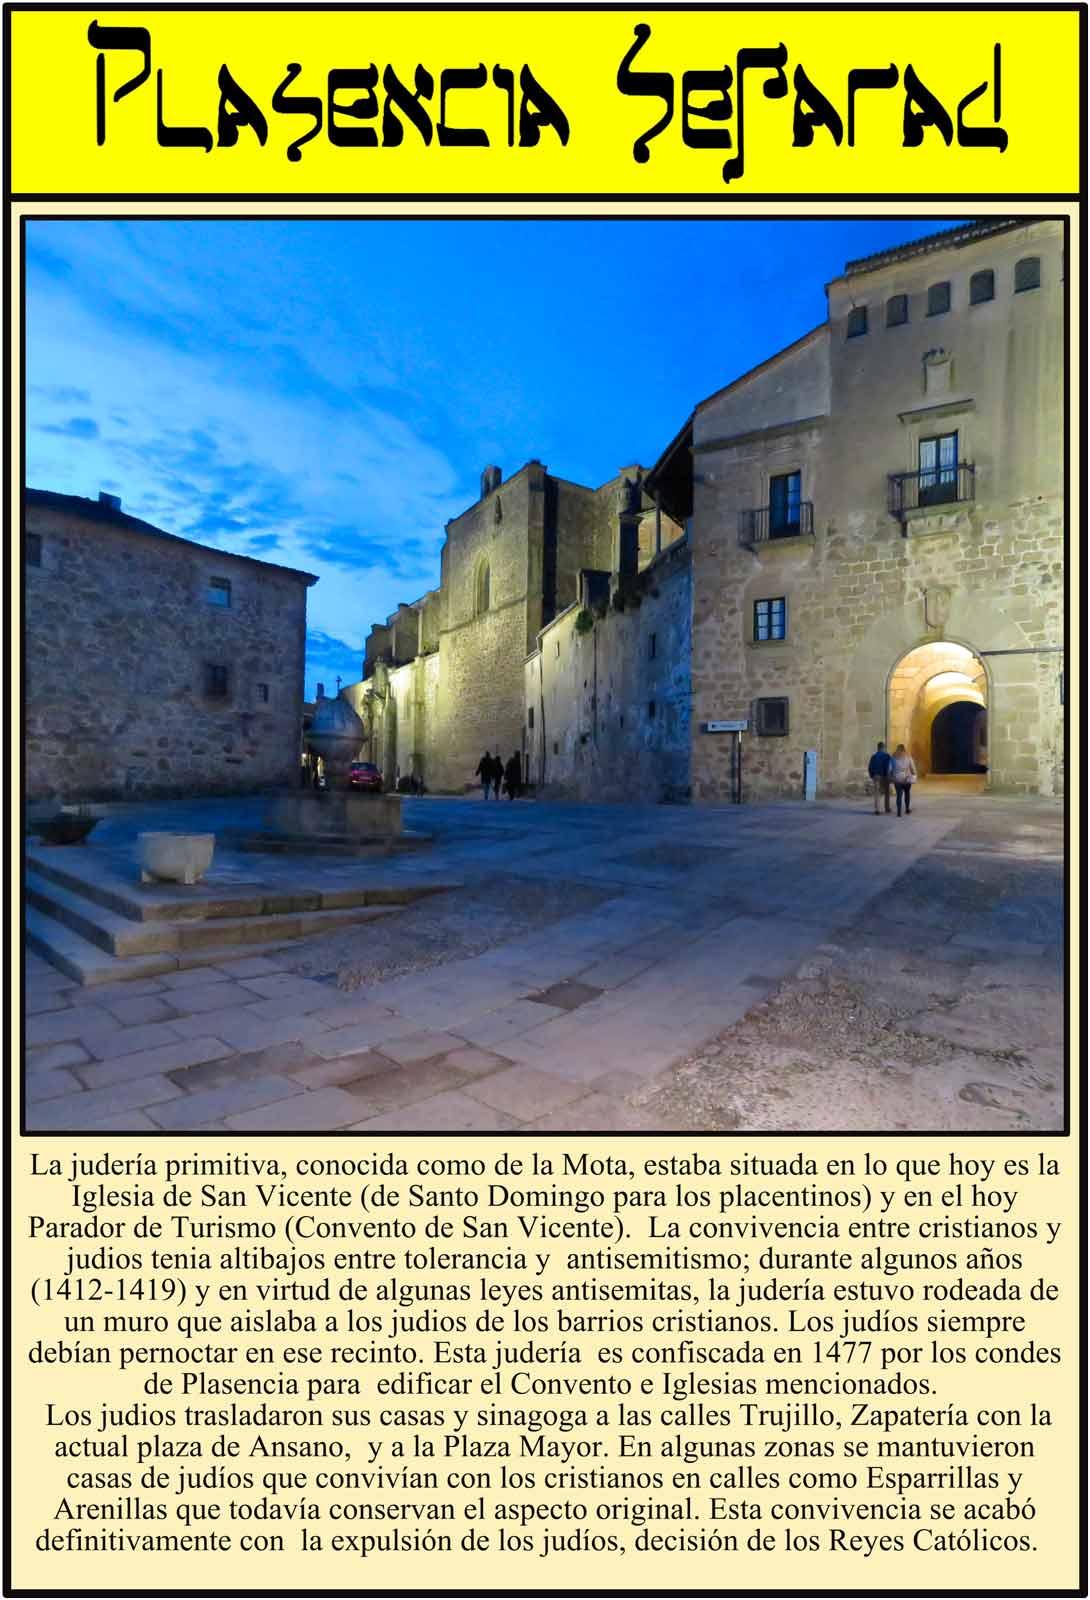 Panoramica de la situación de la primitiva judería de Plasencia. Santo Domingo. Palacio del Marqués de Mirabel.